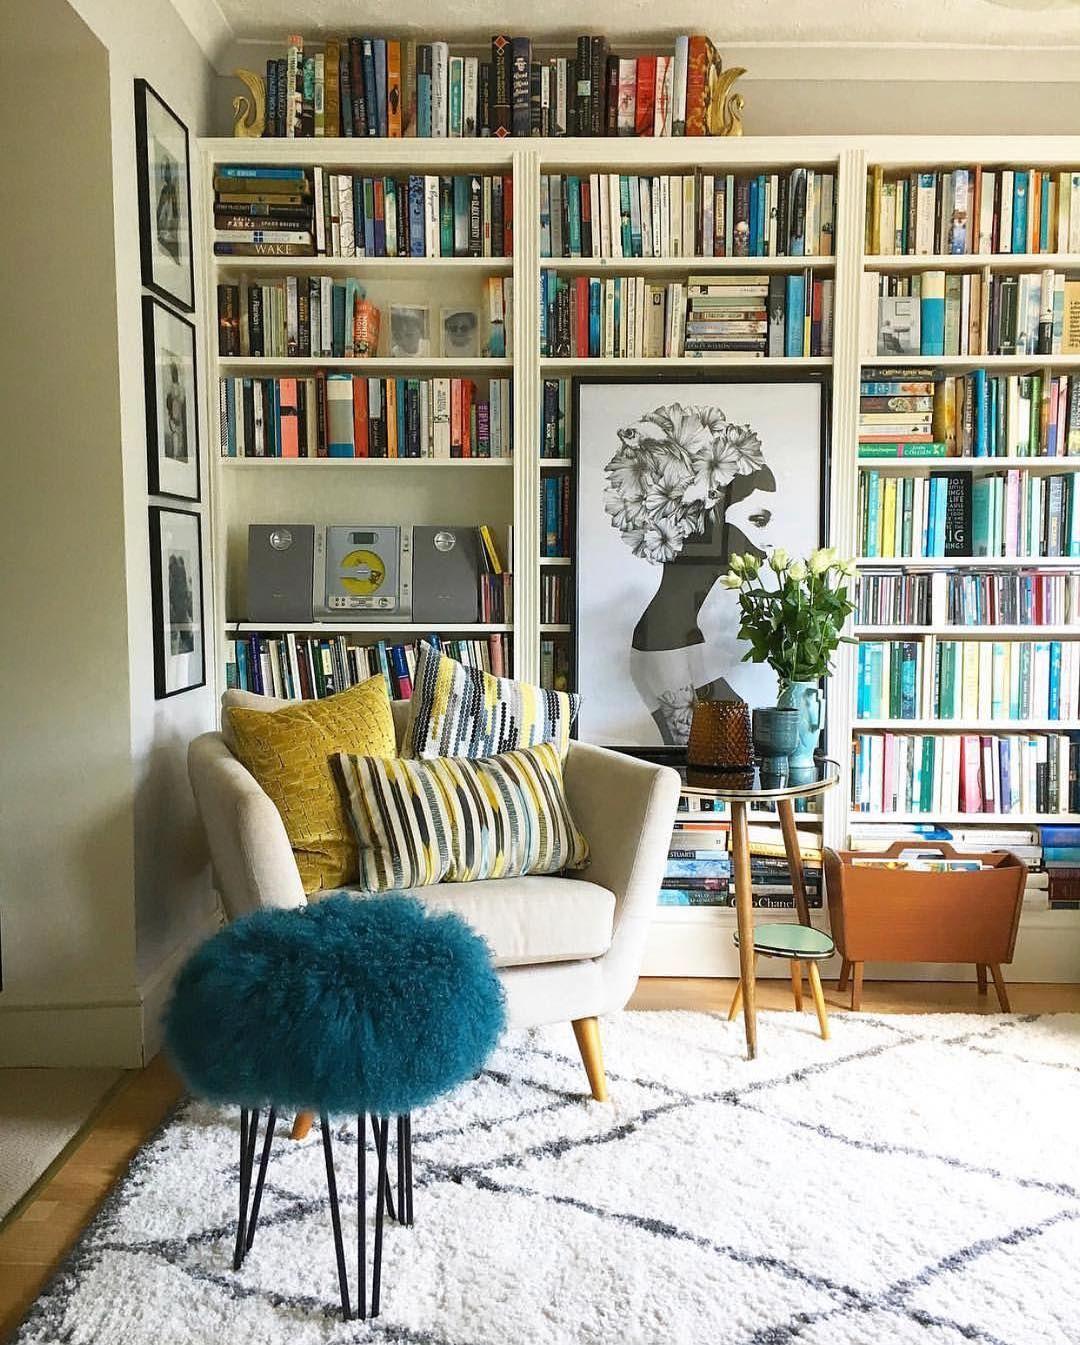 18 Idées Déco pour les Murs de votre Salon  Idee deco mur salon